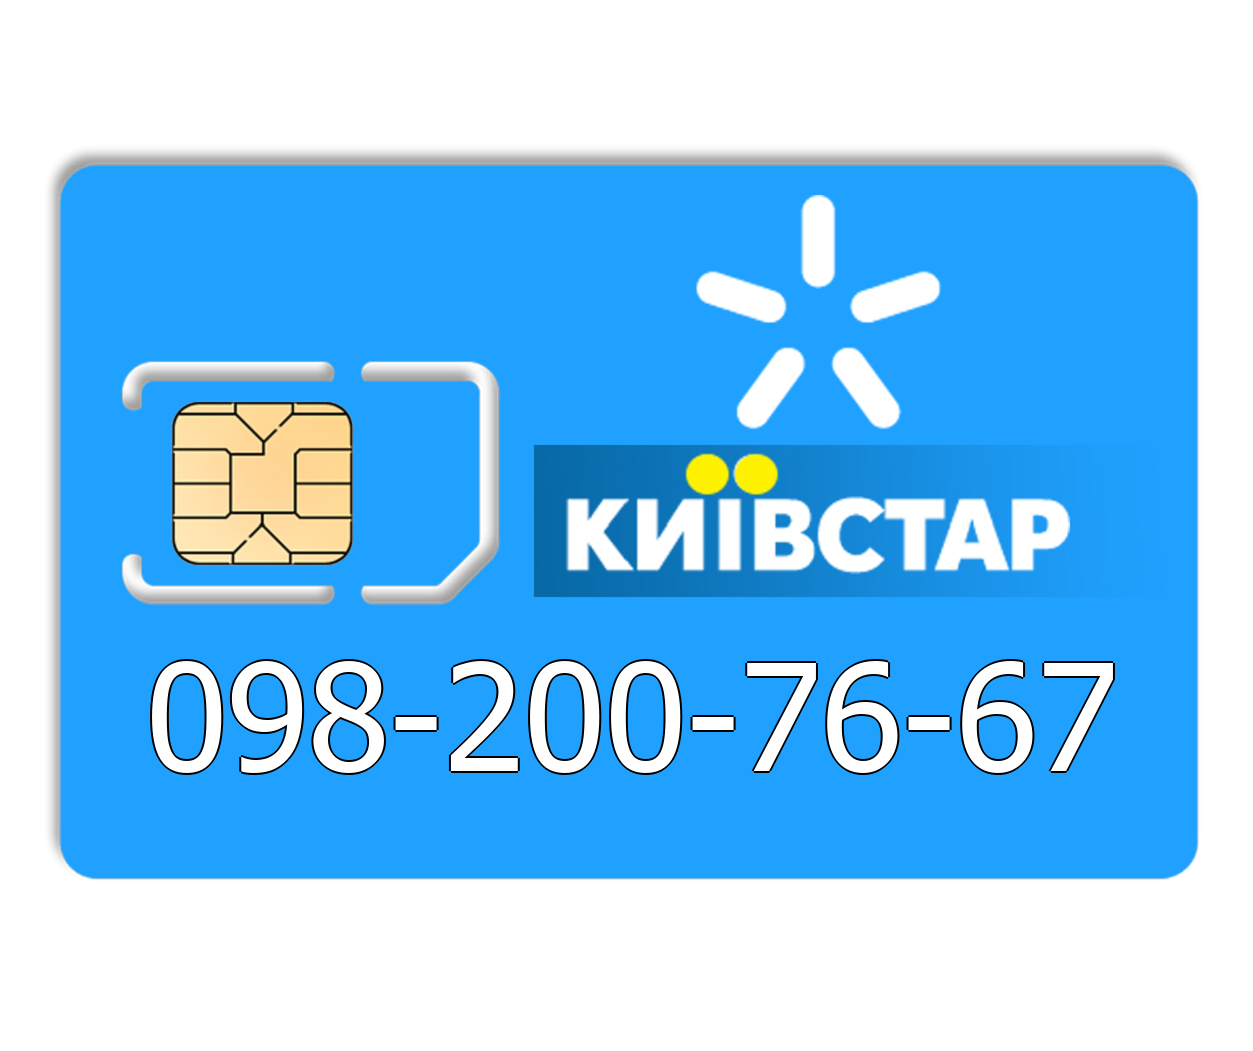 Красивый номер Киевстар 098-200-76-67